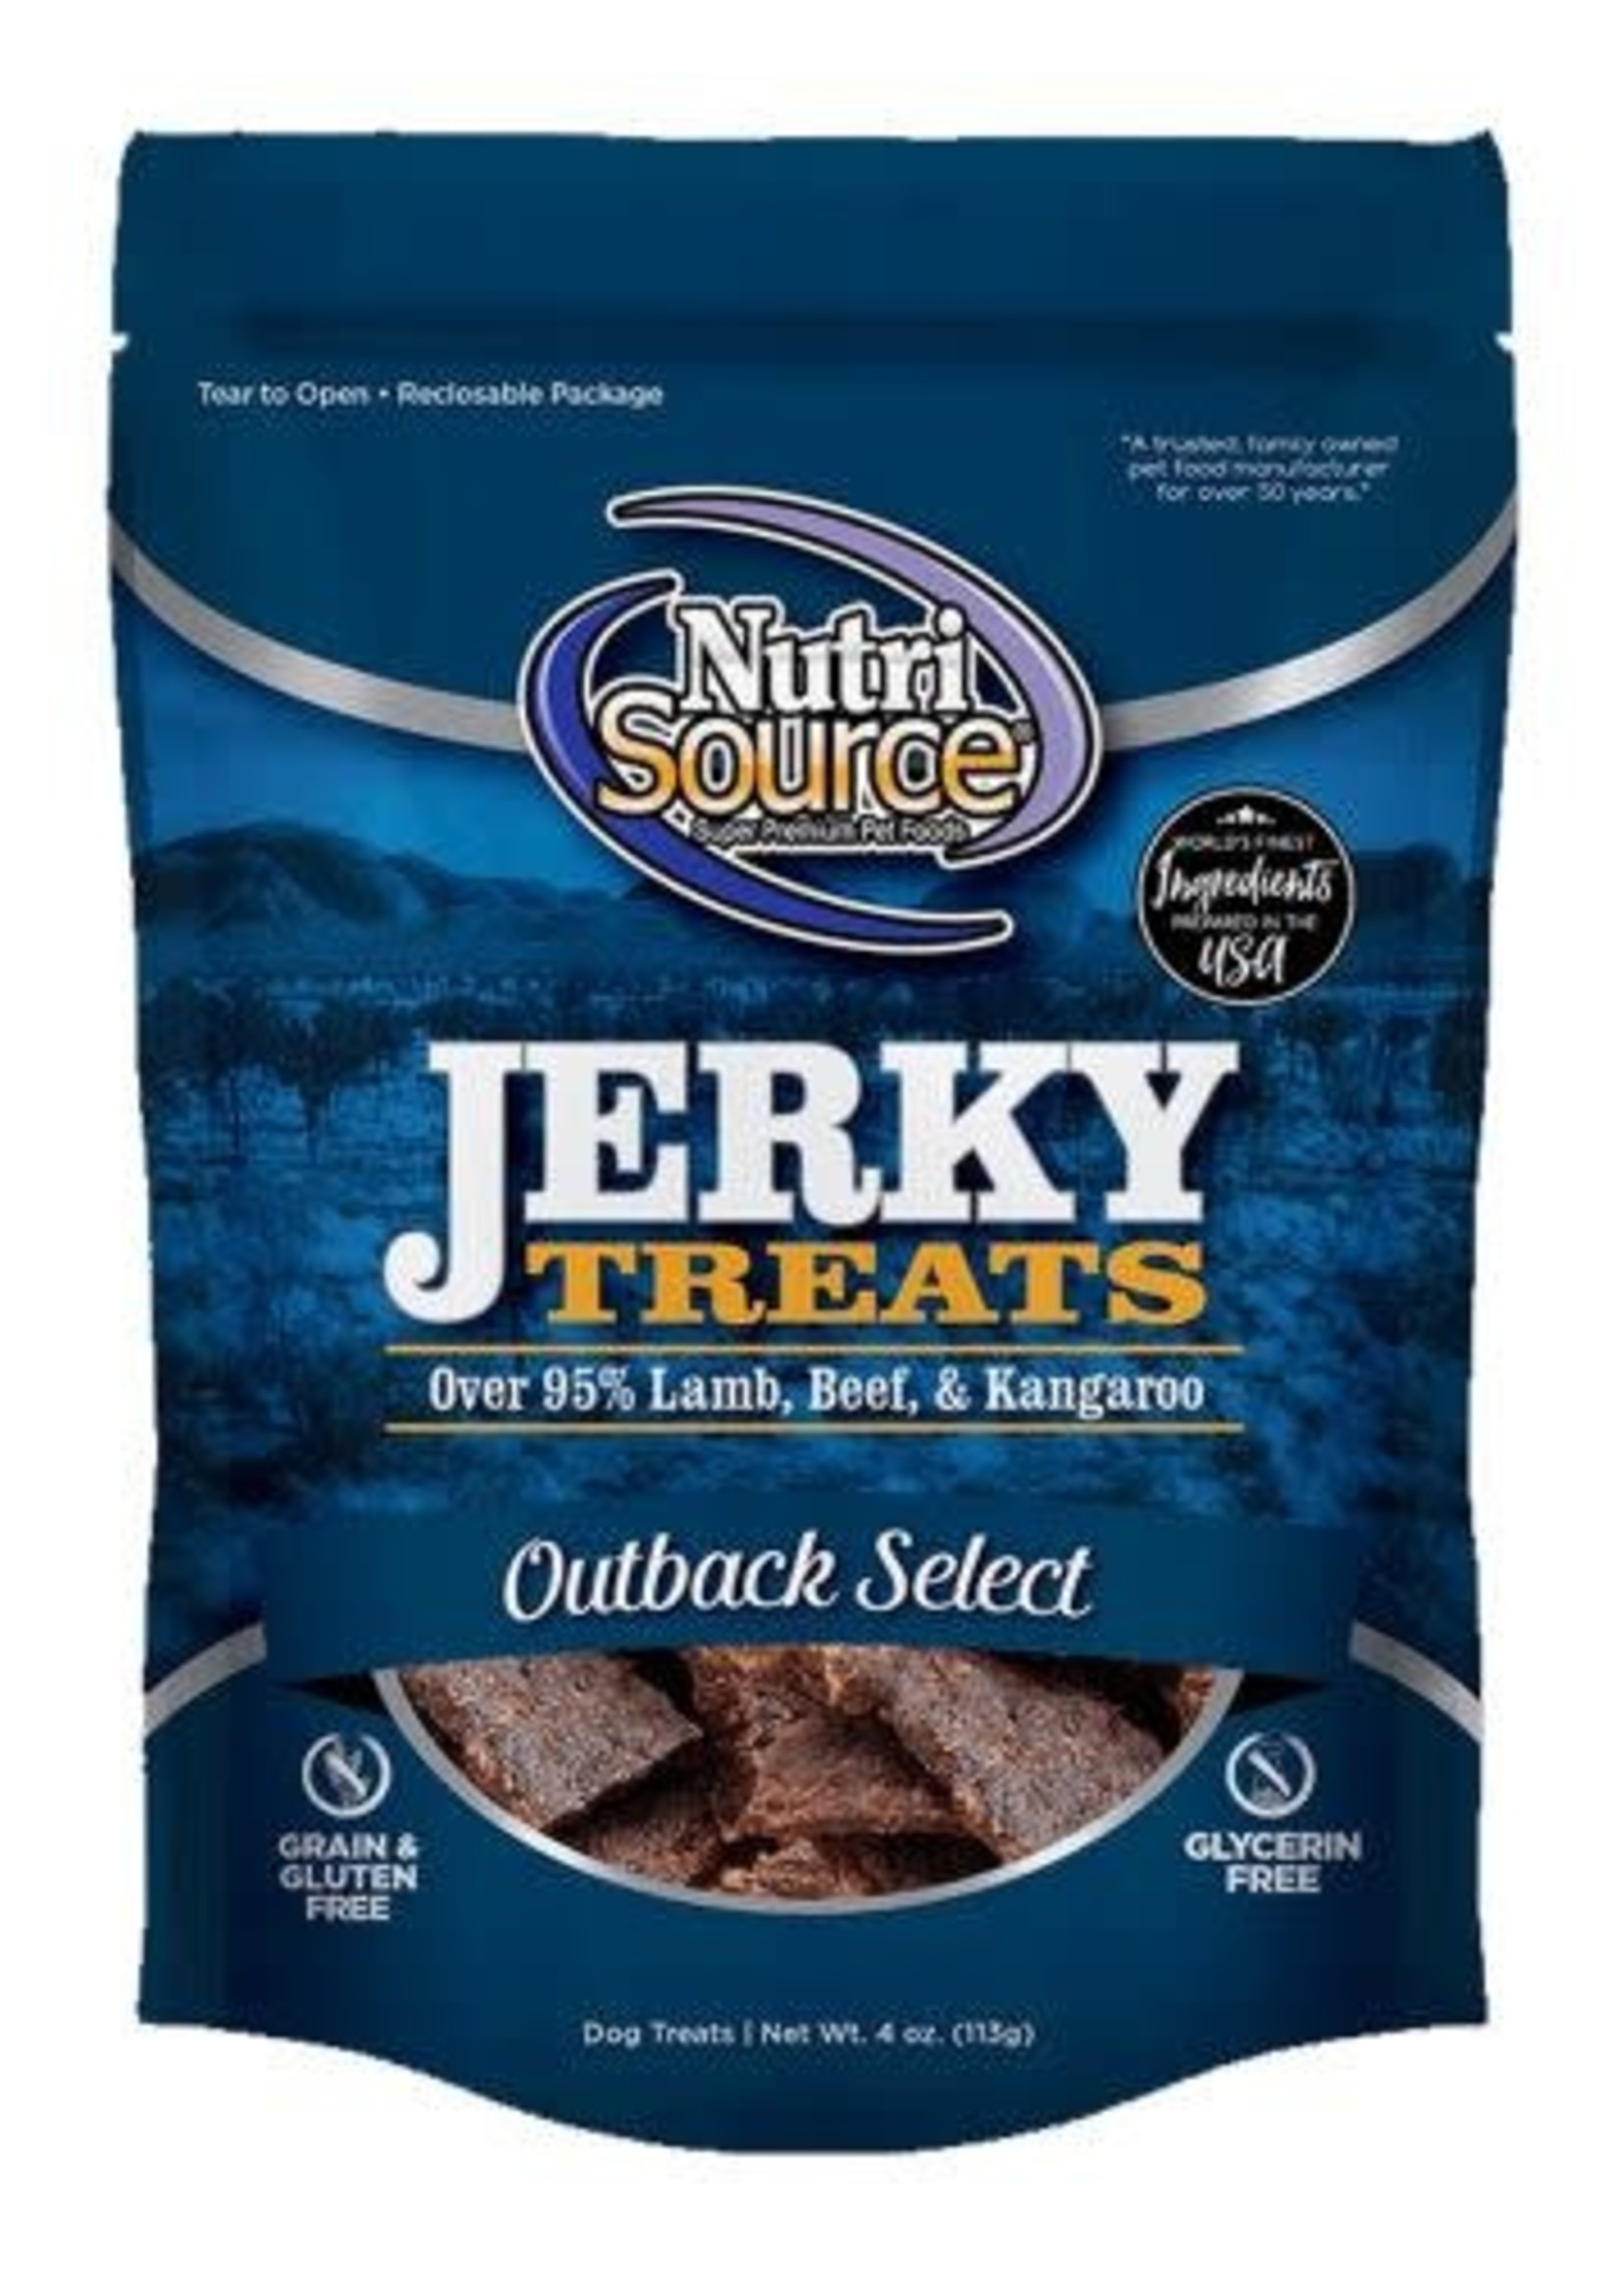 Nutrisource NutriSource Outback Select Jerky 4oz